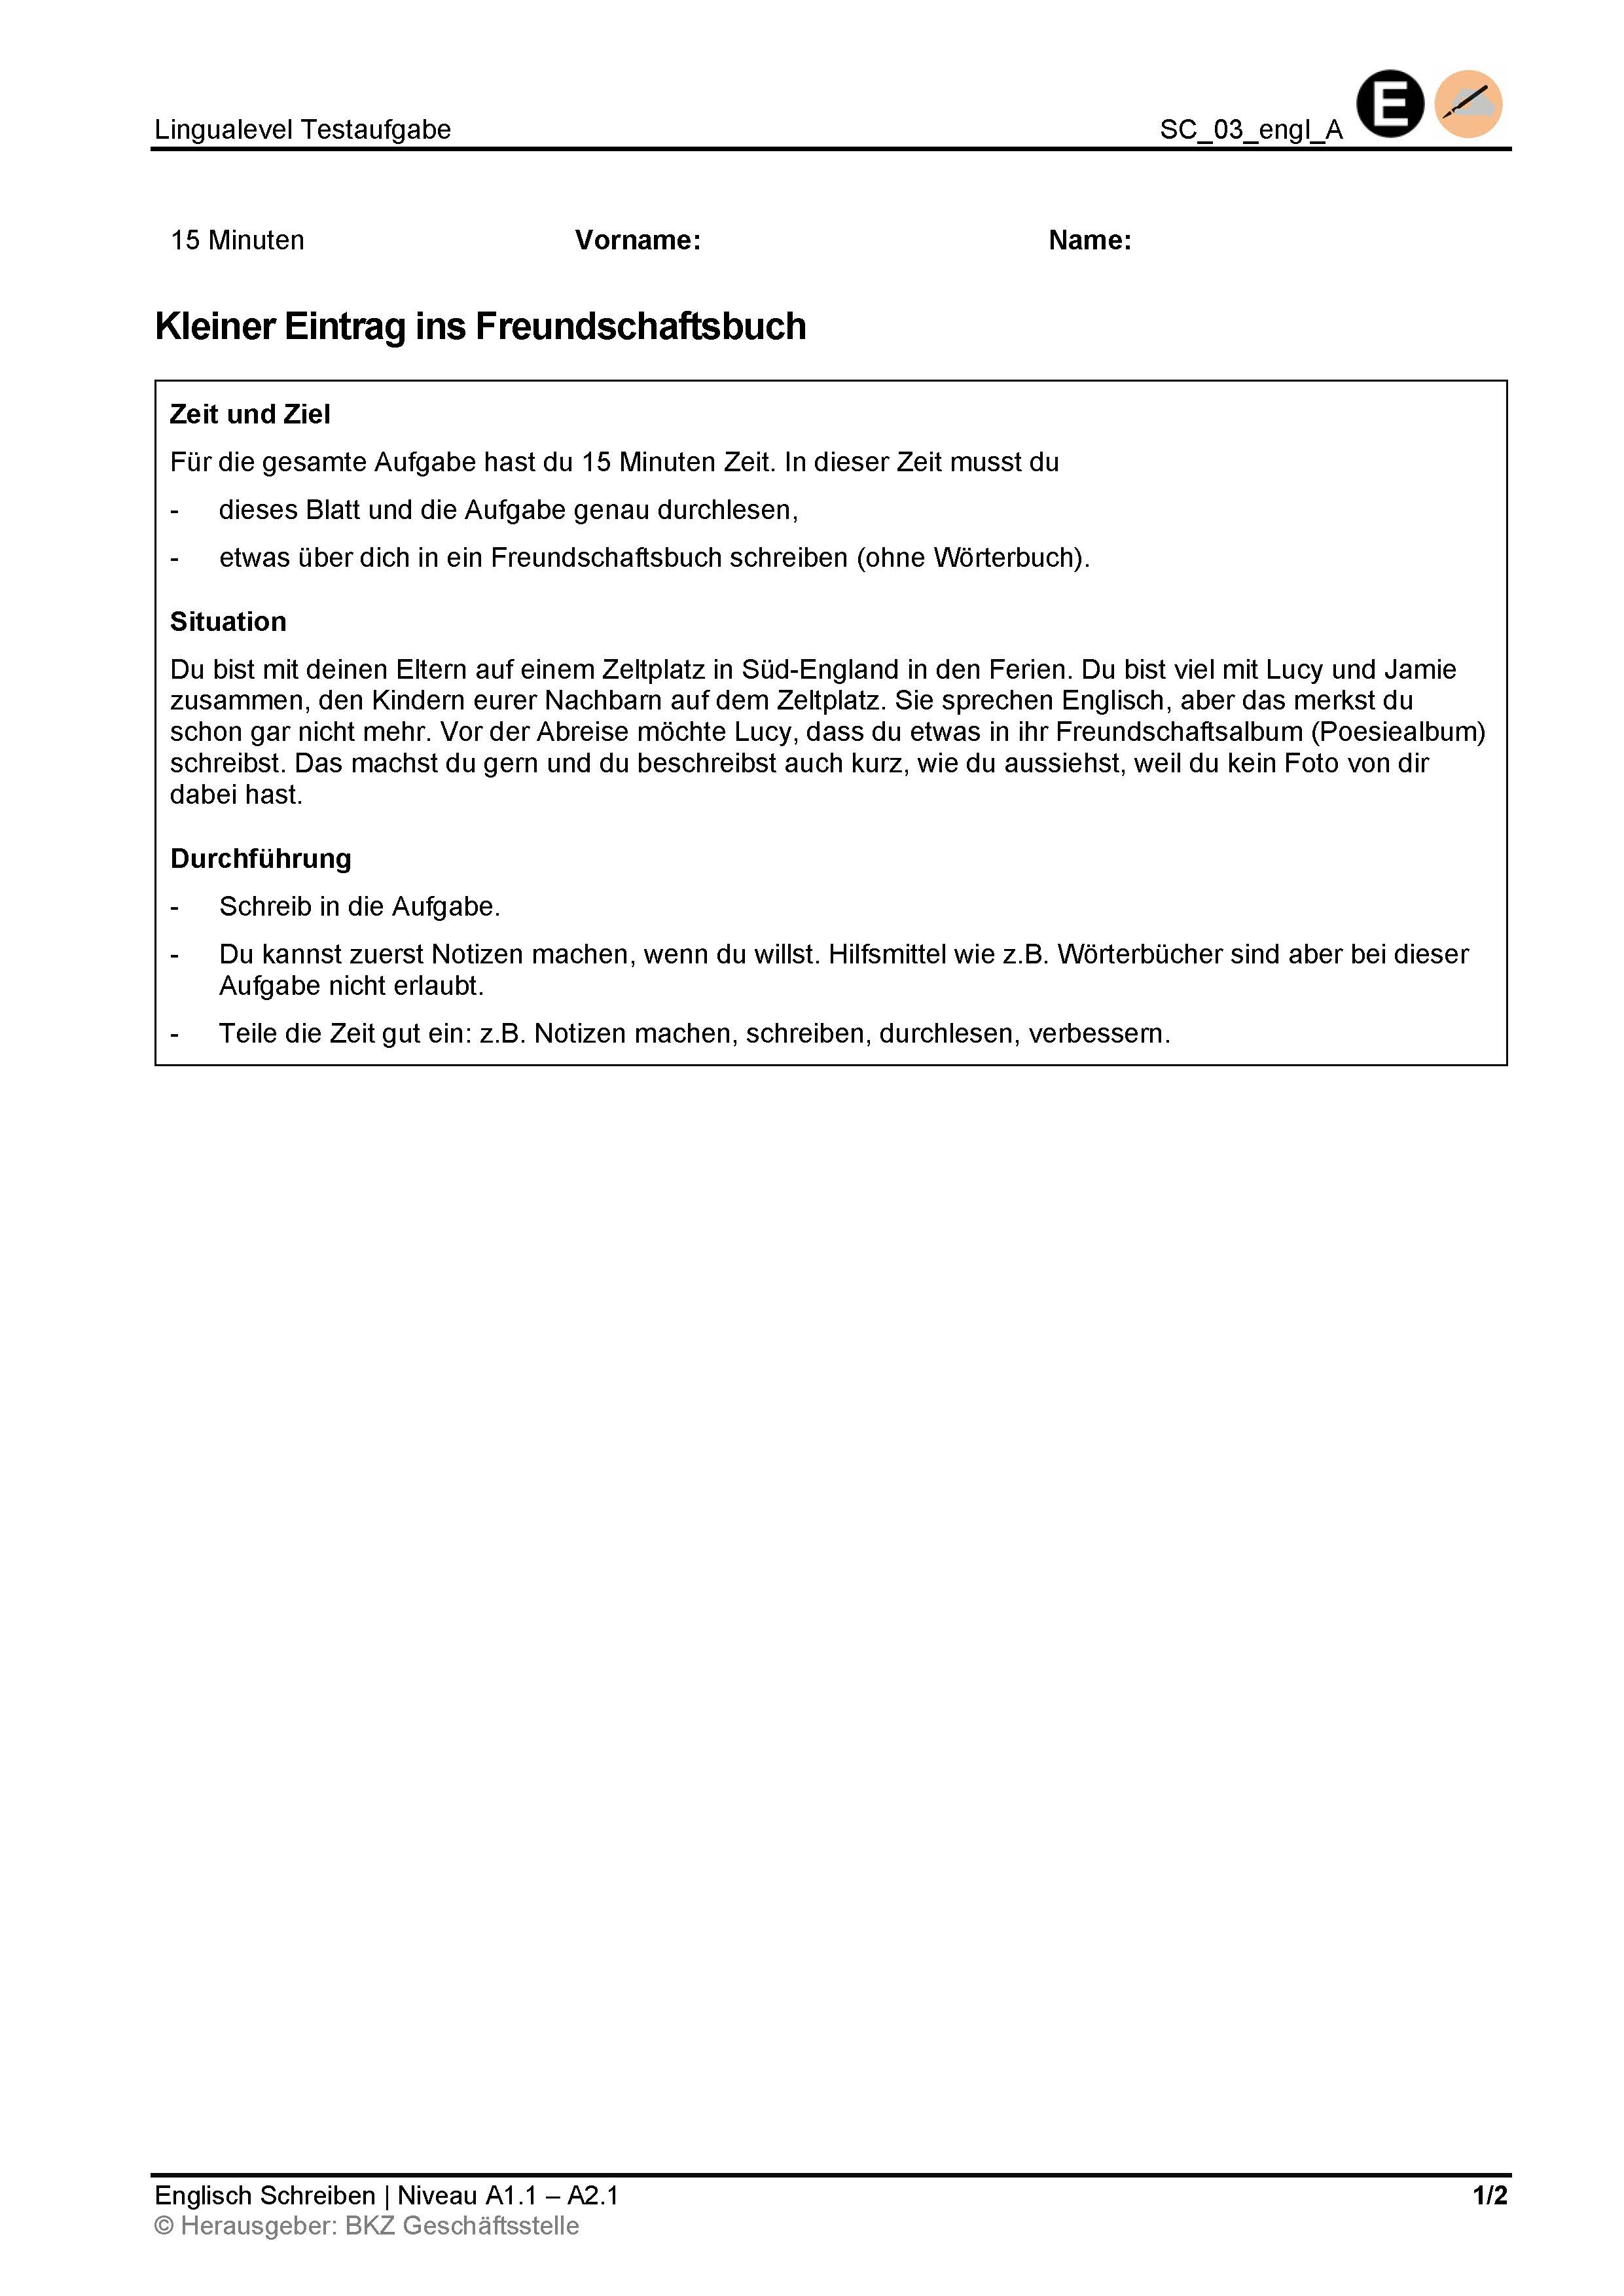 Preview image for LOM object Schreiben: Kleiner Eintrag ins Freundschaftsbuch